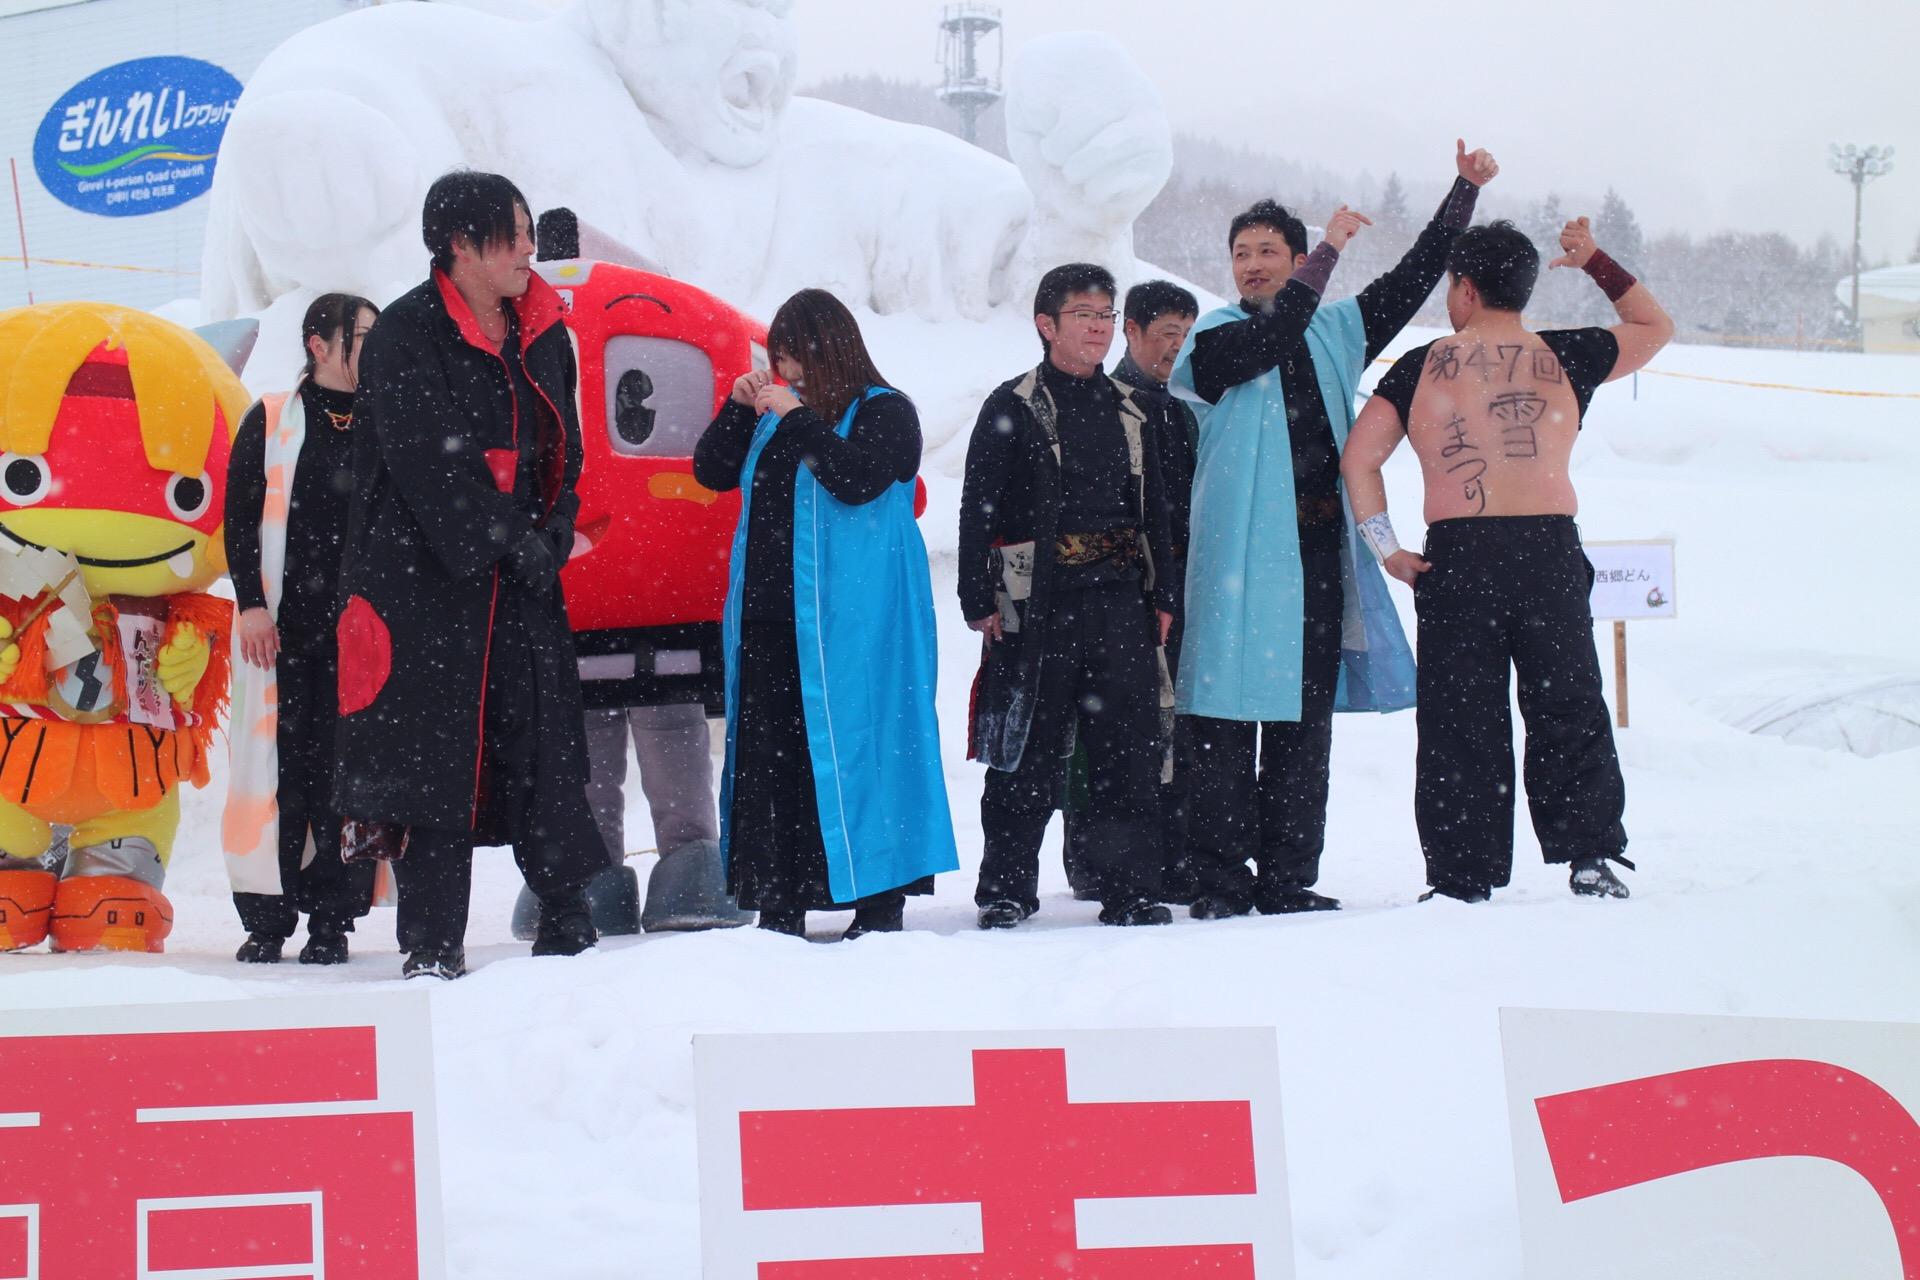 真冬の山で脱ぎたがるメンバー約1名(゚Д゚;)